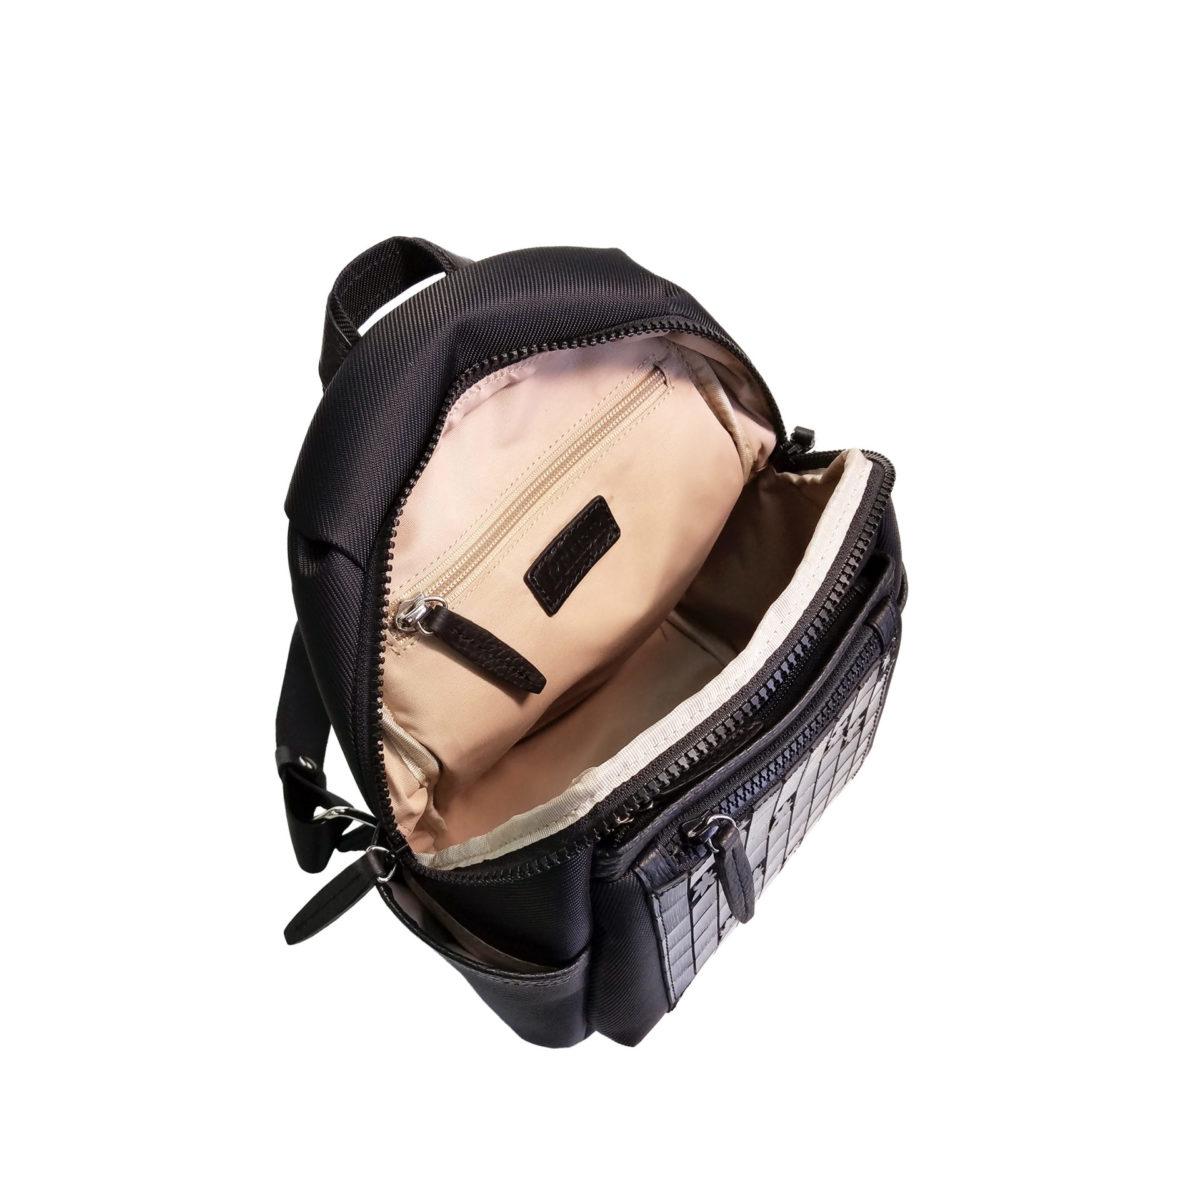 京都限定のELISIR caede KYOTO | エリシアカエデ京都のバッグシリーズ TWILL NYLON MISTO CERBERUS 3